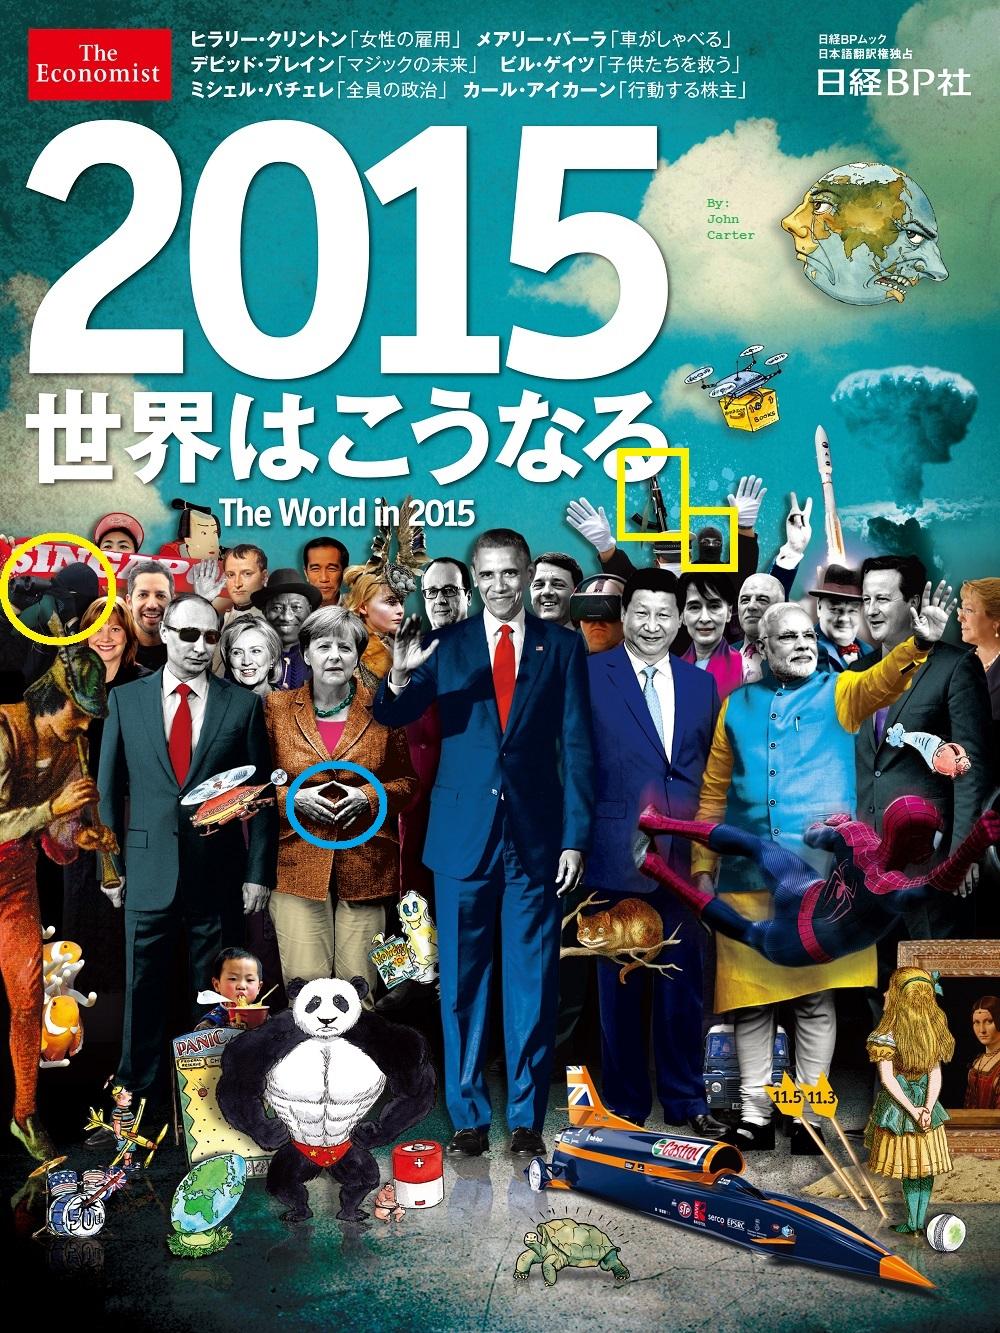 Economist2014_cover_???eol